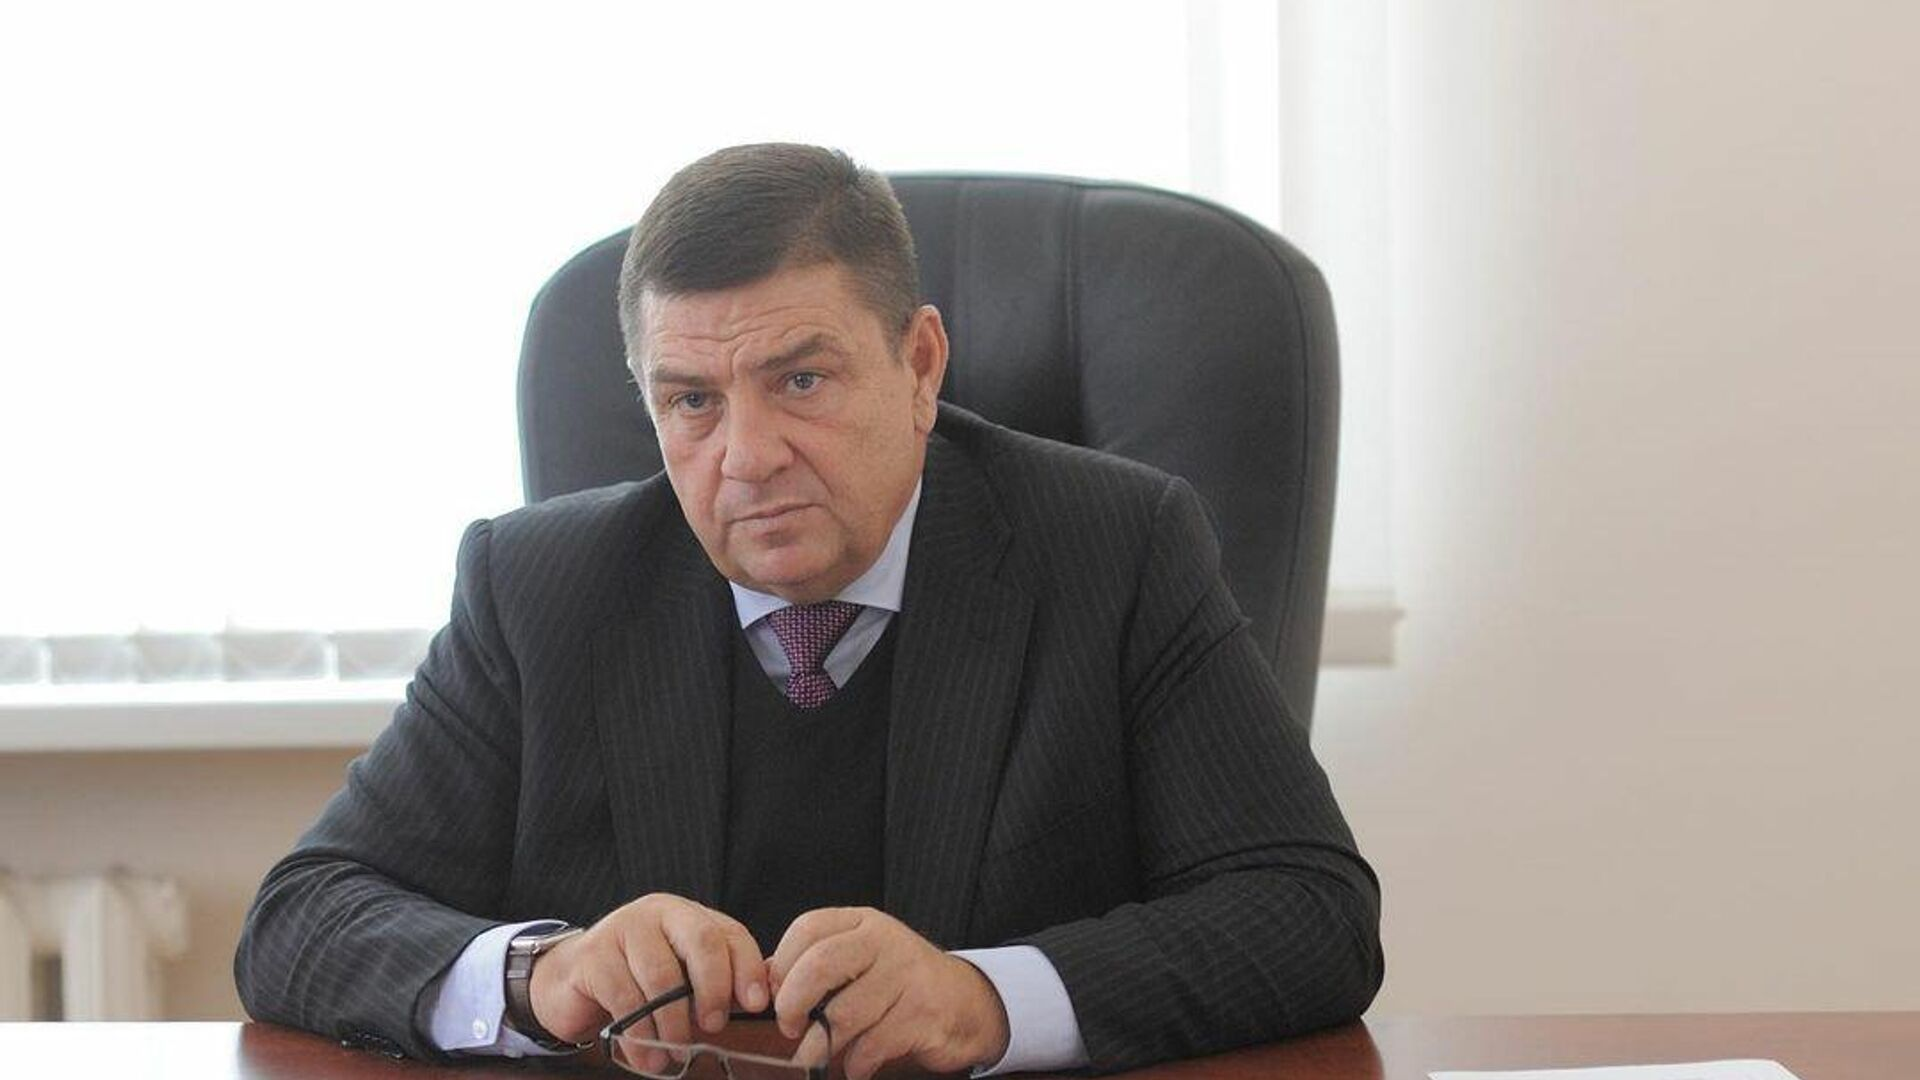 Глава муниципального образования город Майкоп Андрей Гетманов - РИА Новости, 1920, 25.03.2021